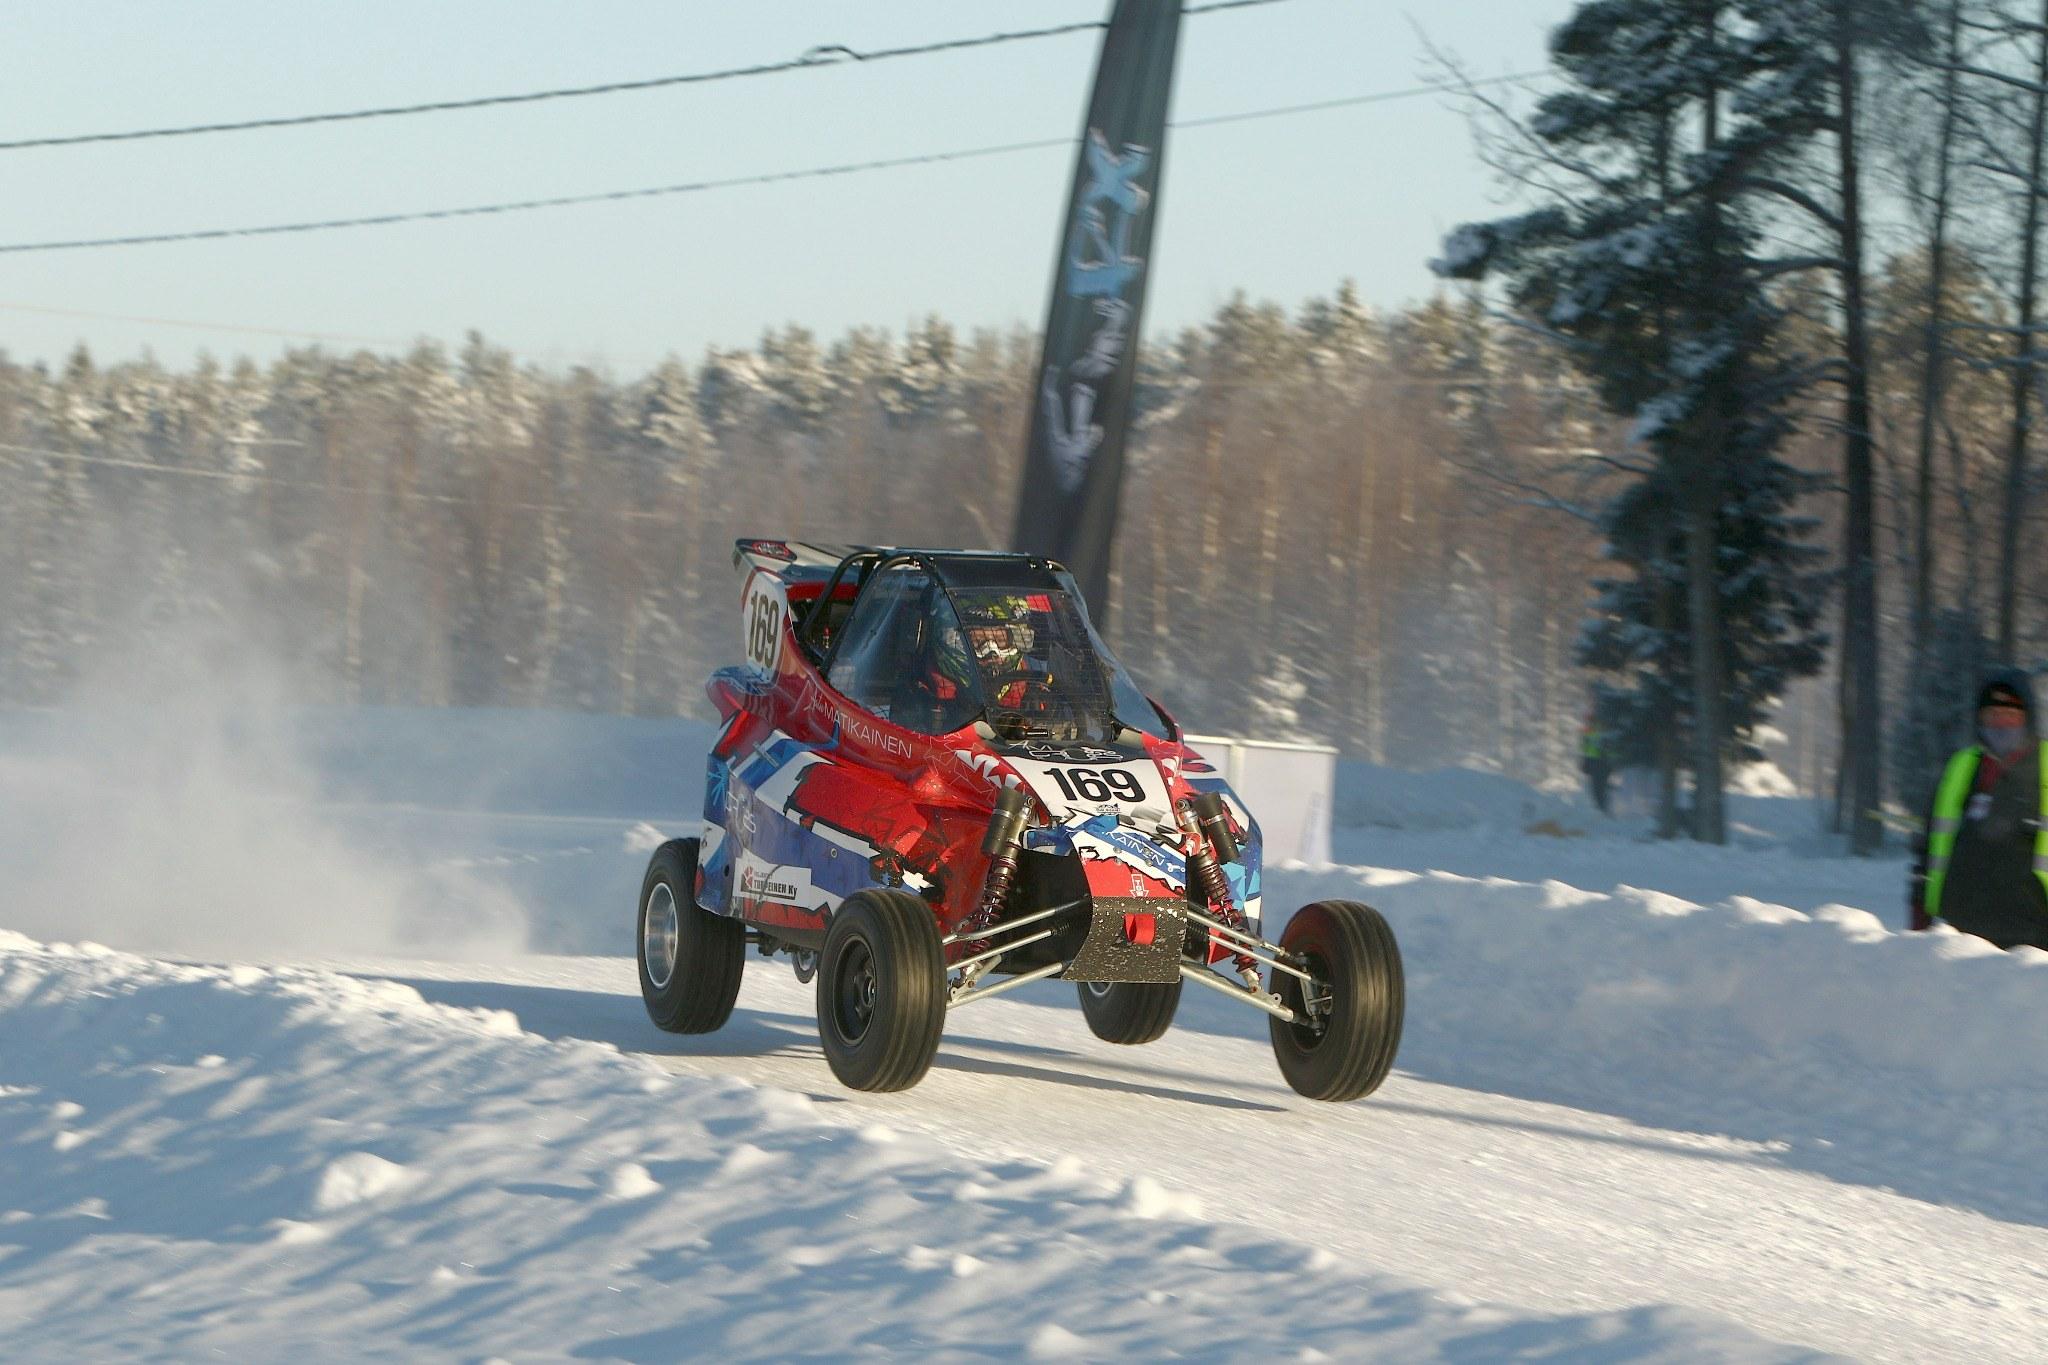 Kuva: RallyPhoto Finland # 169 Aatu Matikainen